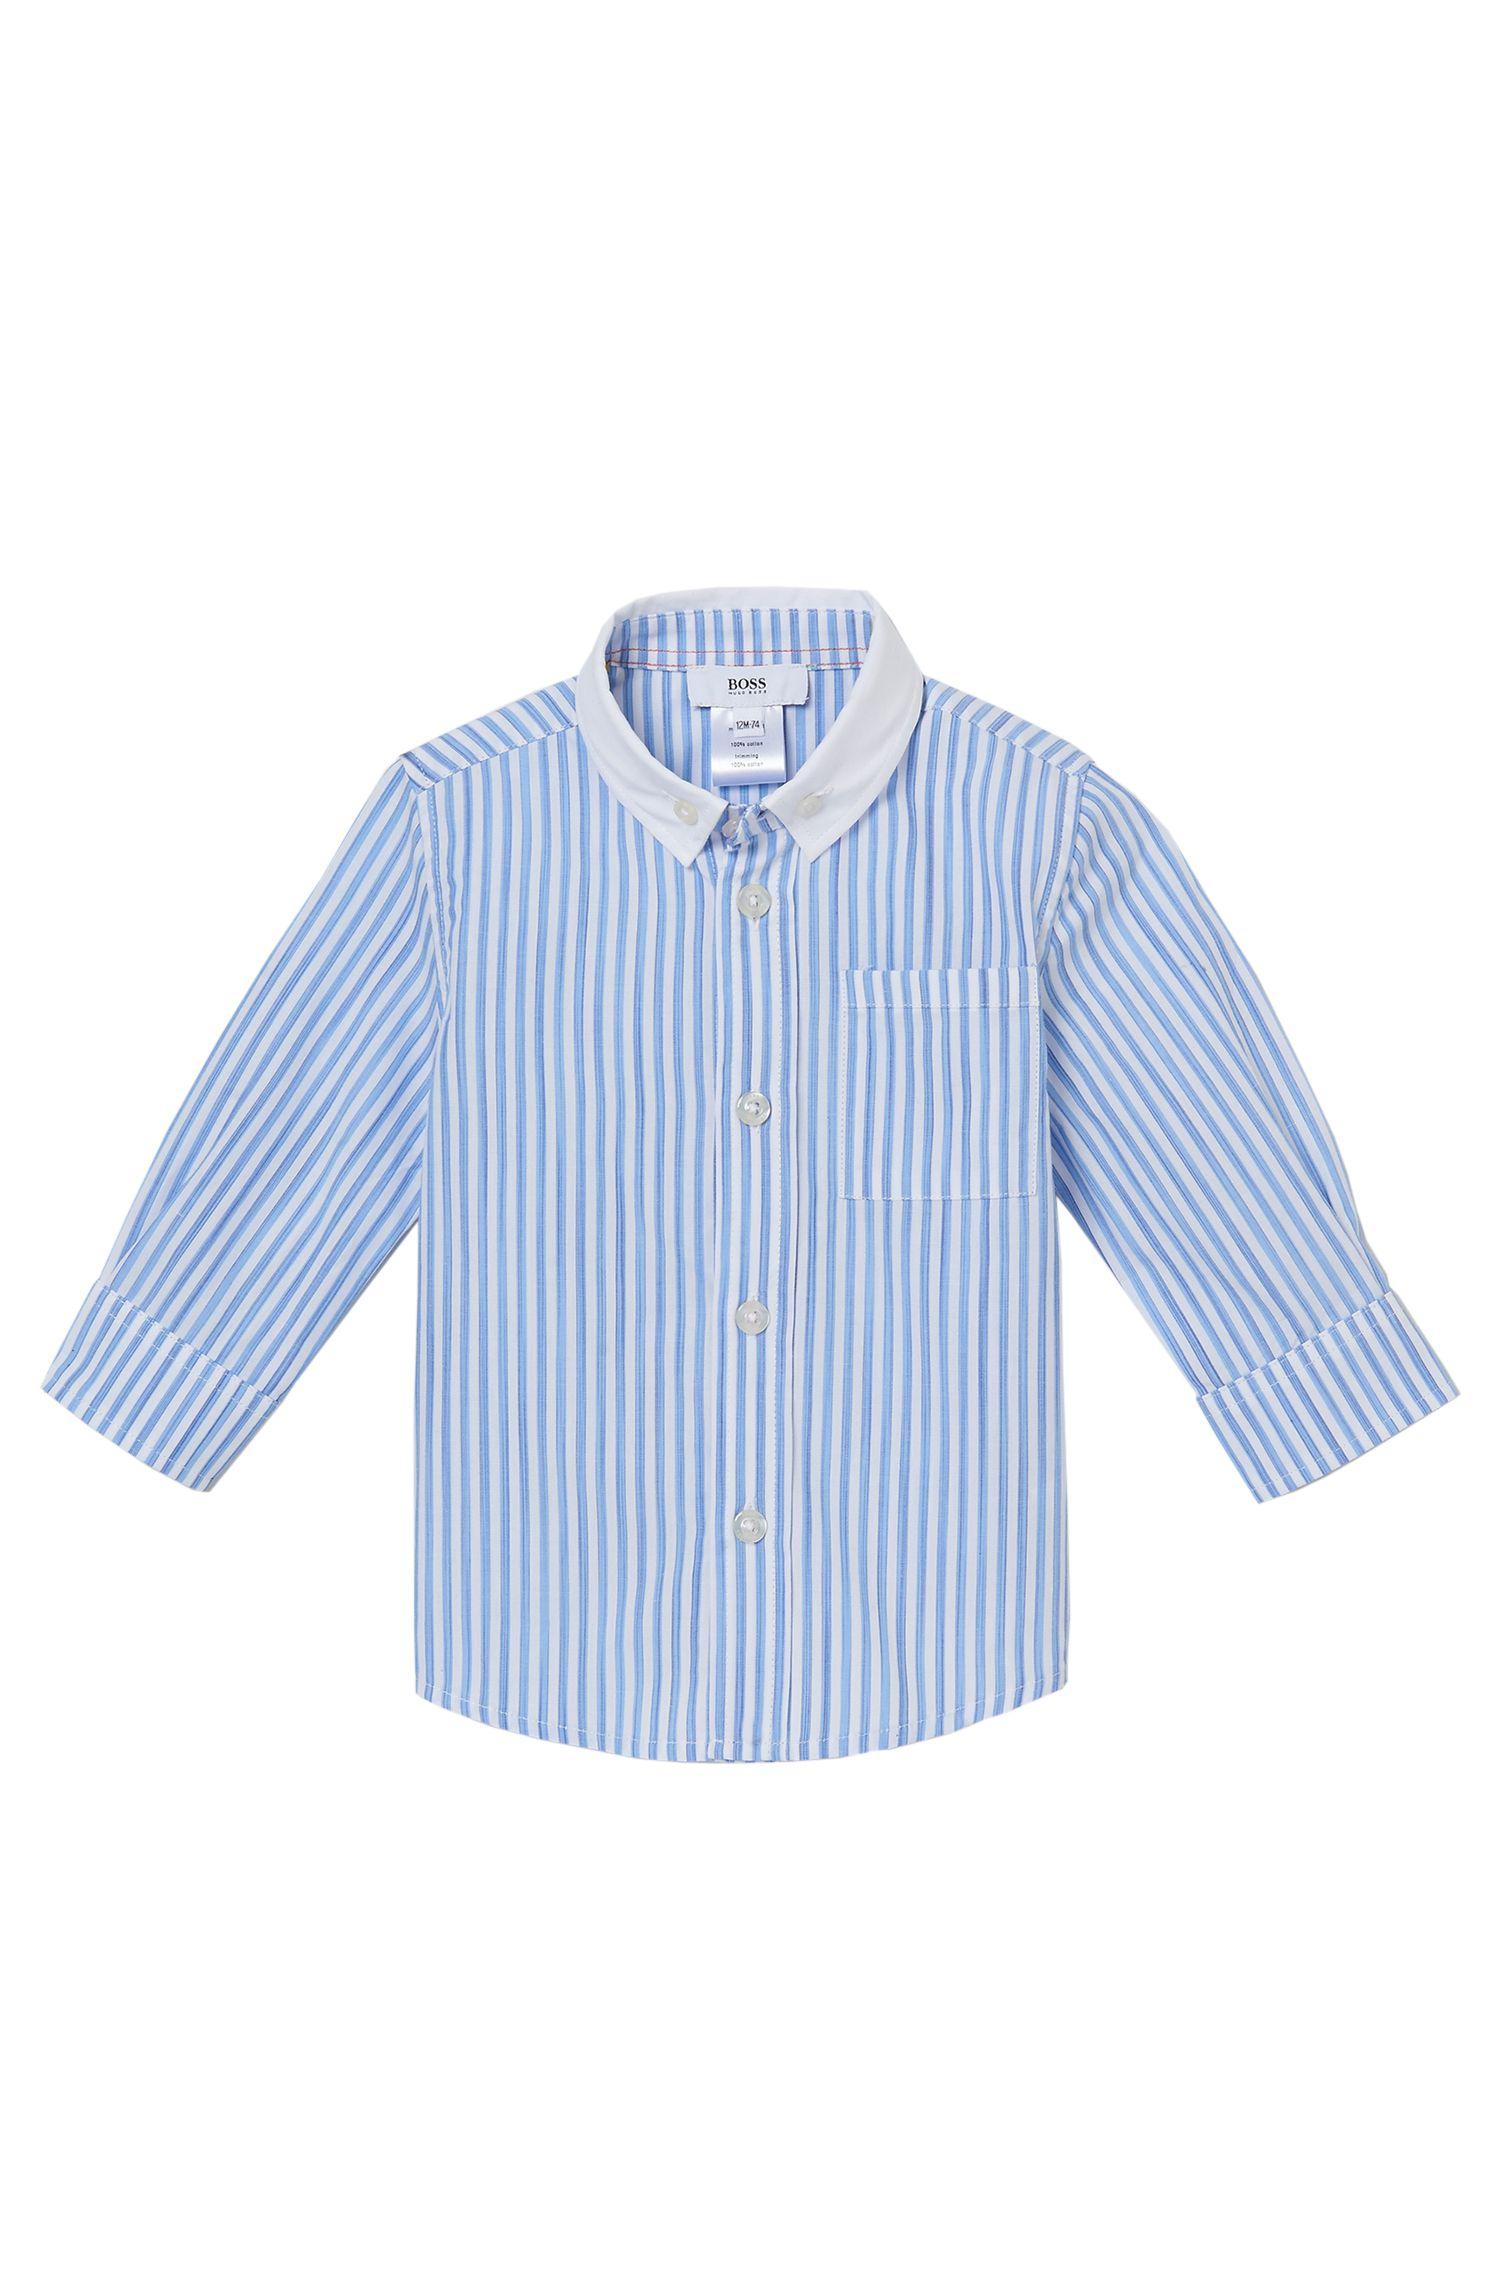 'J05467' | Toddler Cotton Striped Button Down Shirt